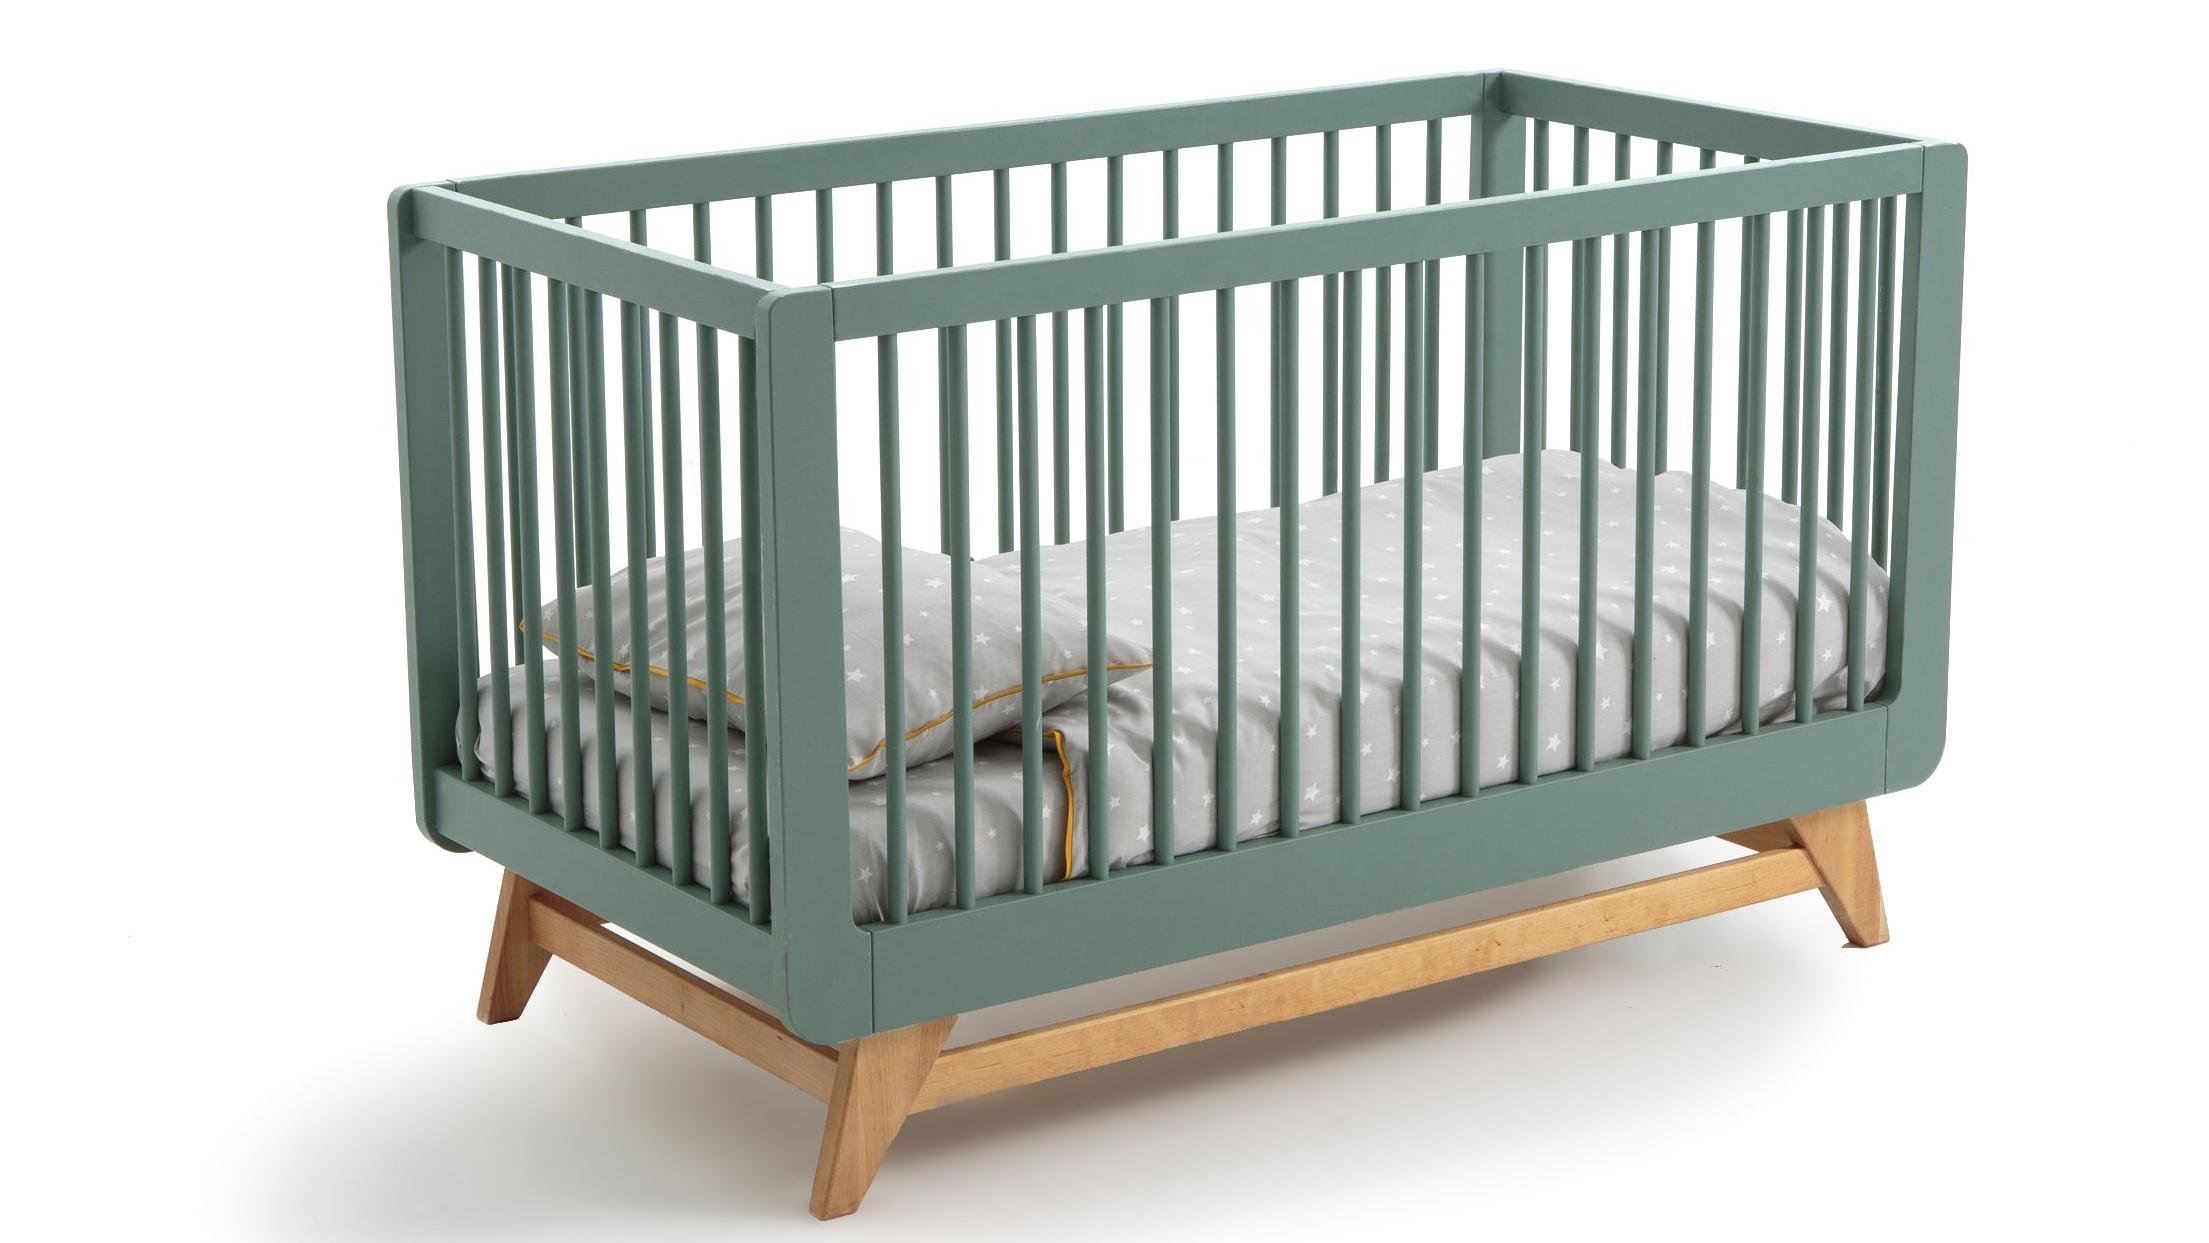 Les meilleurs lits de bébé de qualité supérieure : Lit bébé ajustable Willox de La Redoute